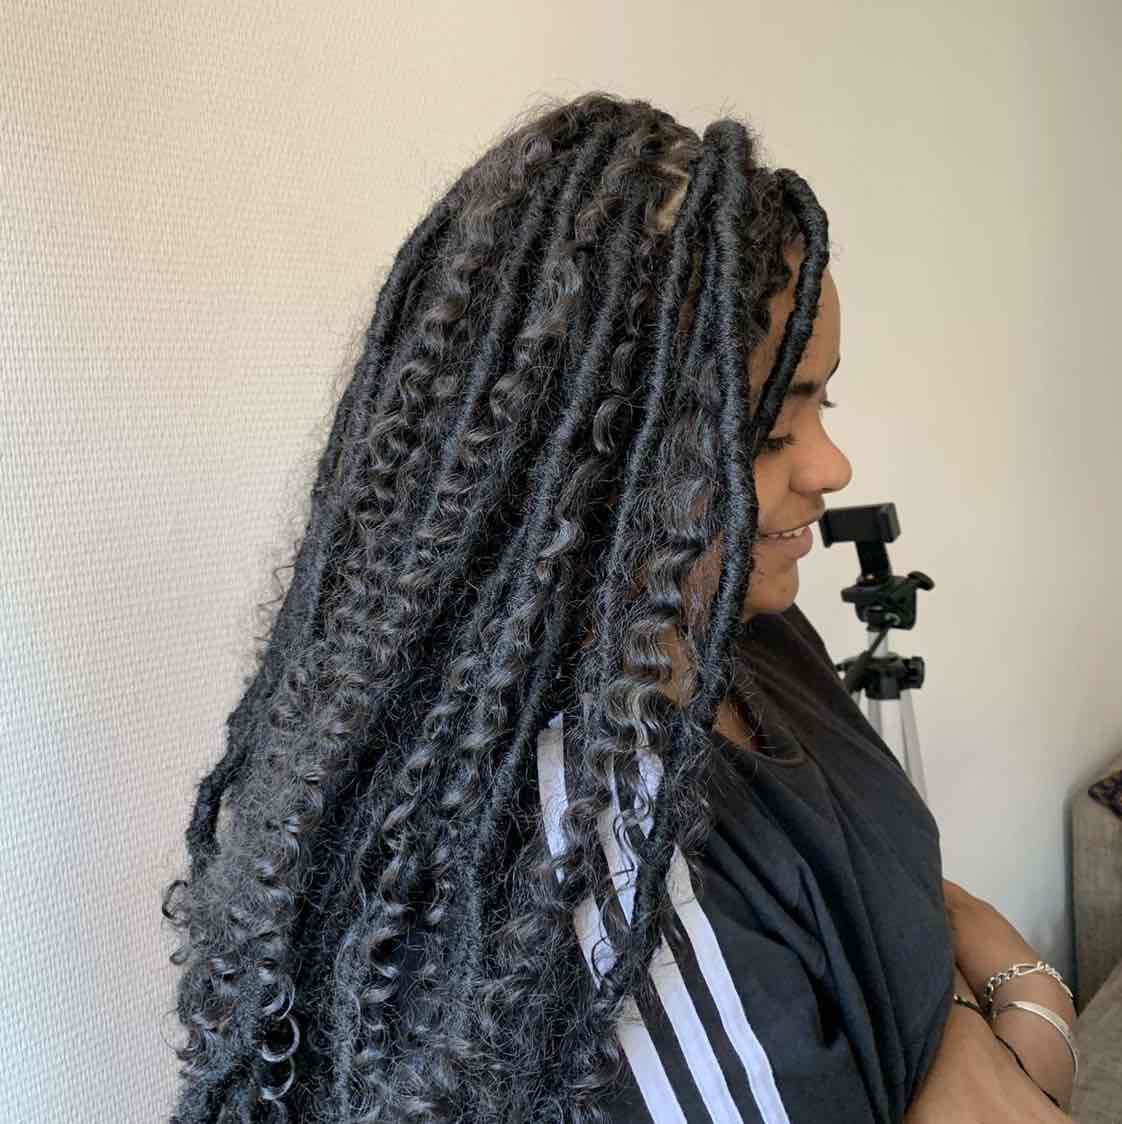 salon de coiffure afro tresse tresses box braids crochet braids vanilles tissages paris 75 77 78 91 92 93 94 95 NNVNPXNF